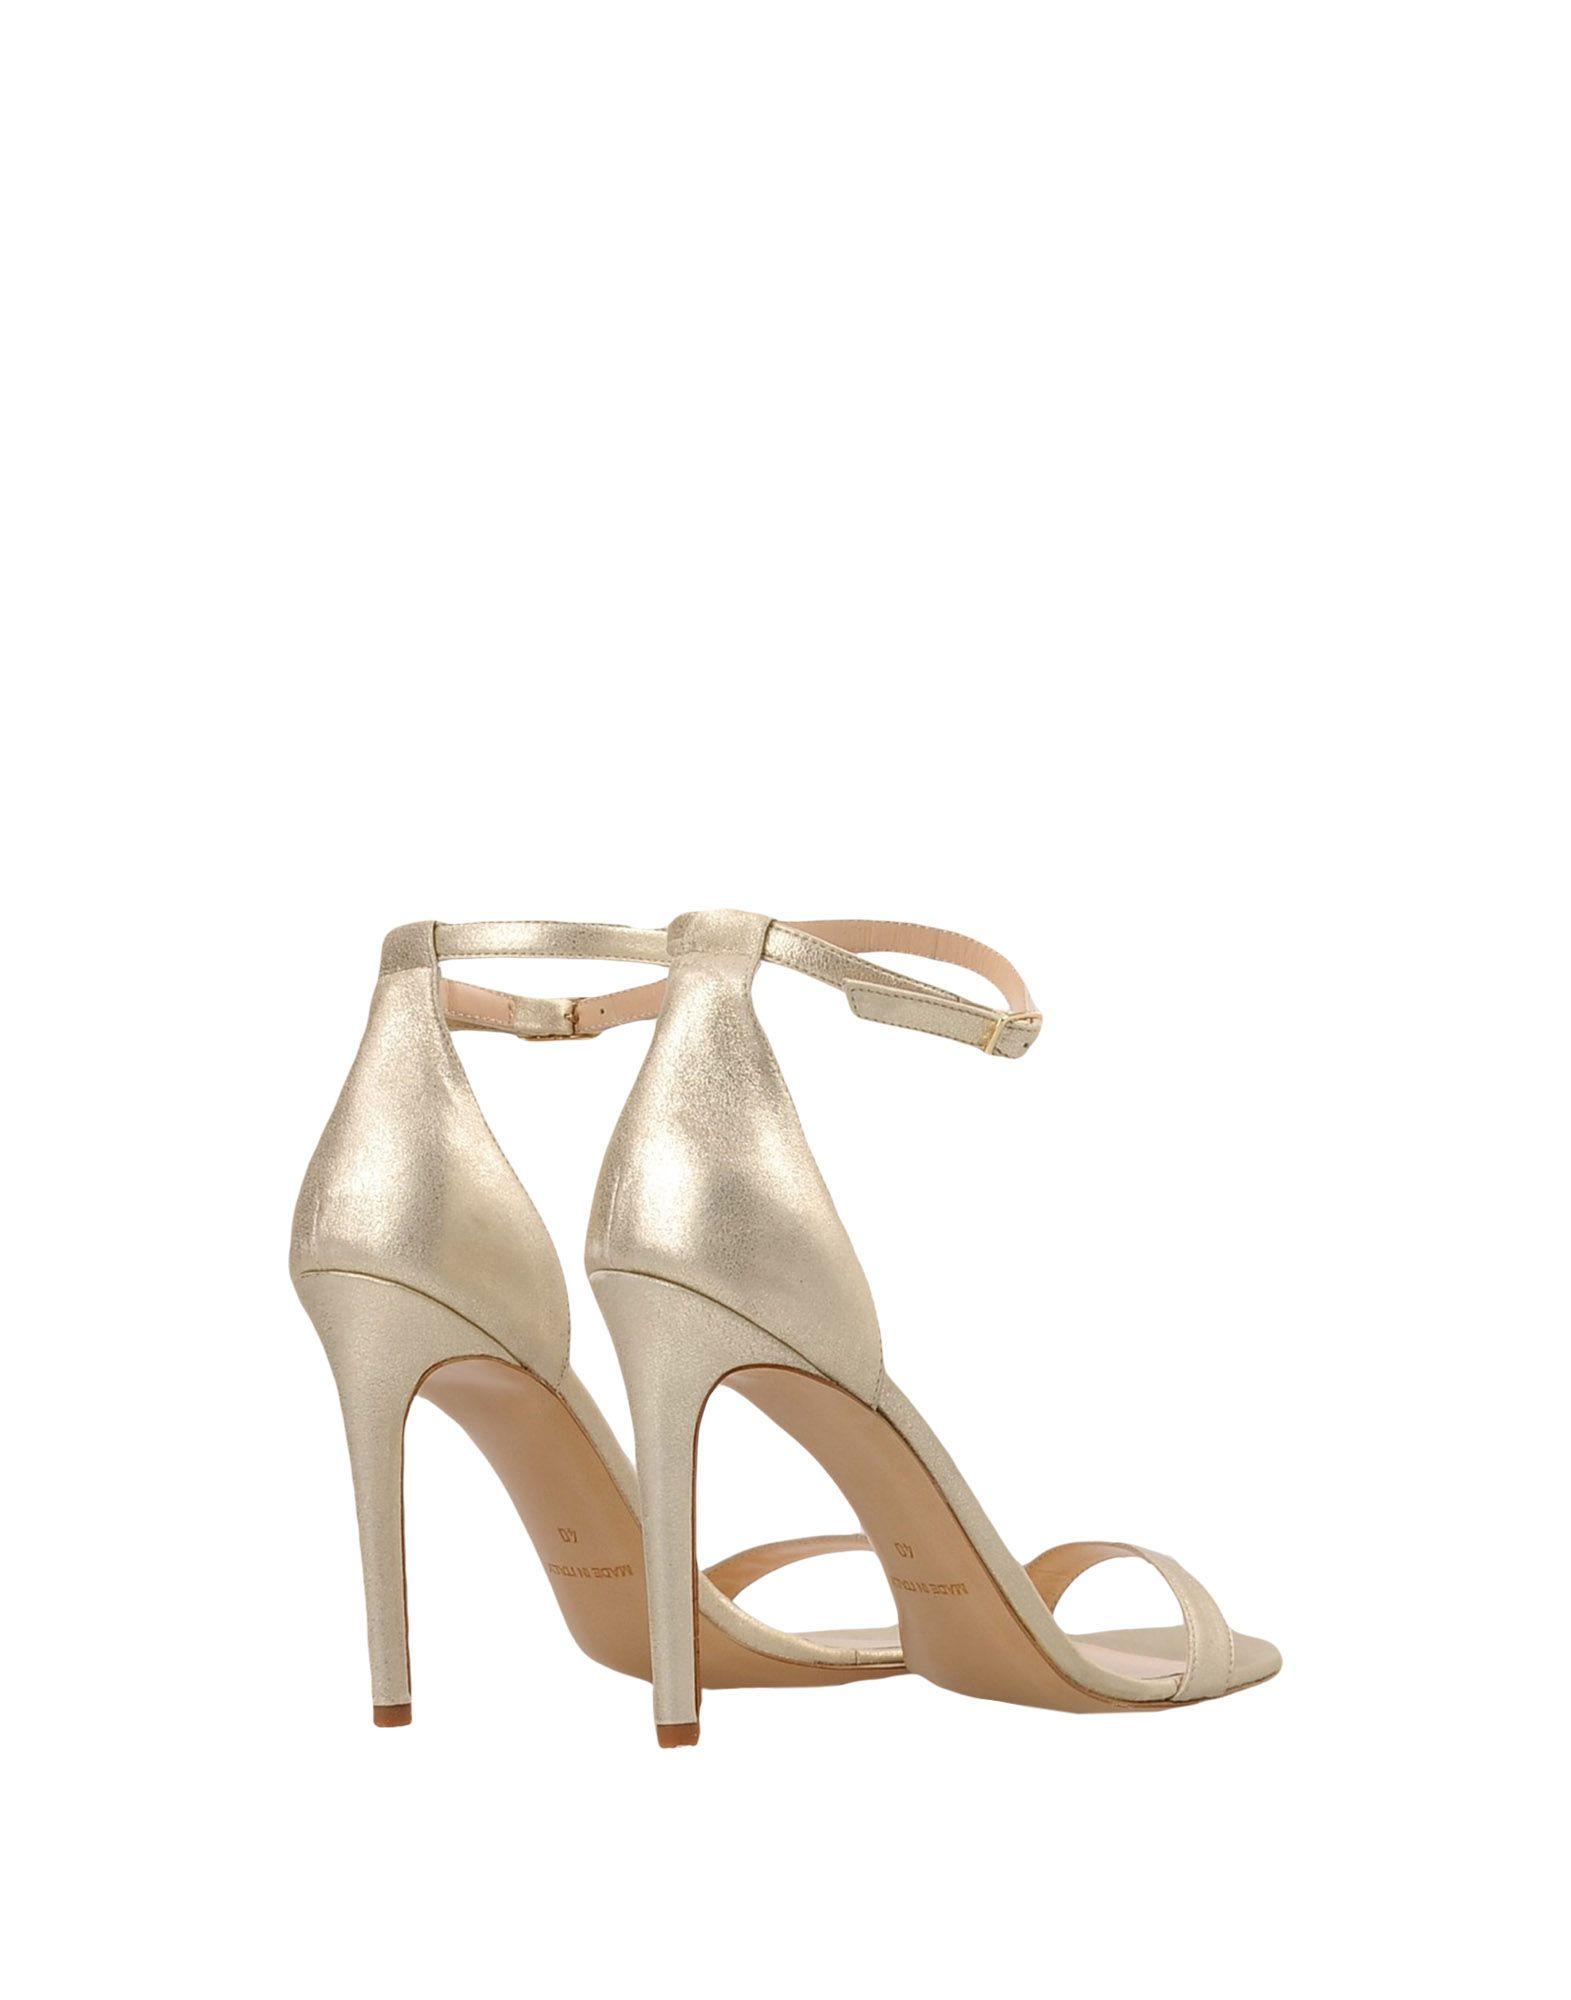 George J. Love Qualität Sandalen Damen  11428386LL Gute Qualität Love beliebte Schuhe 9f8e9a